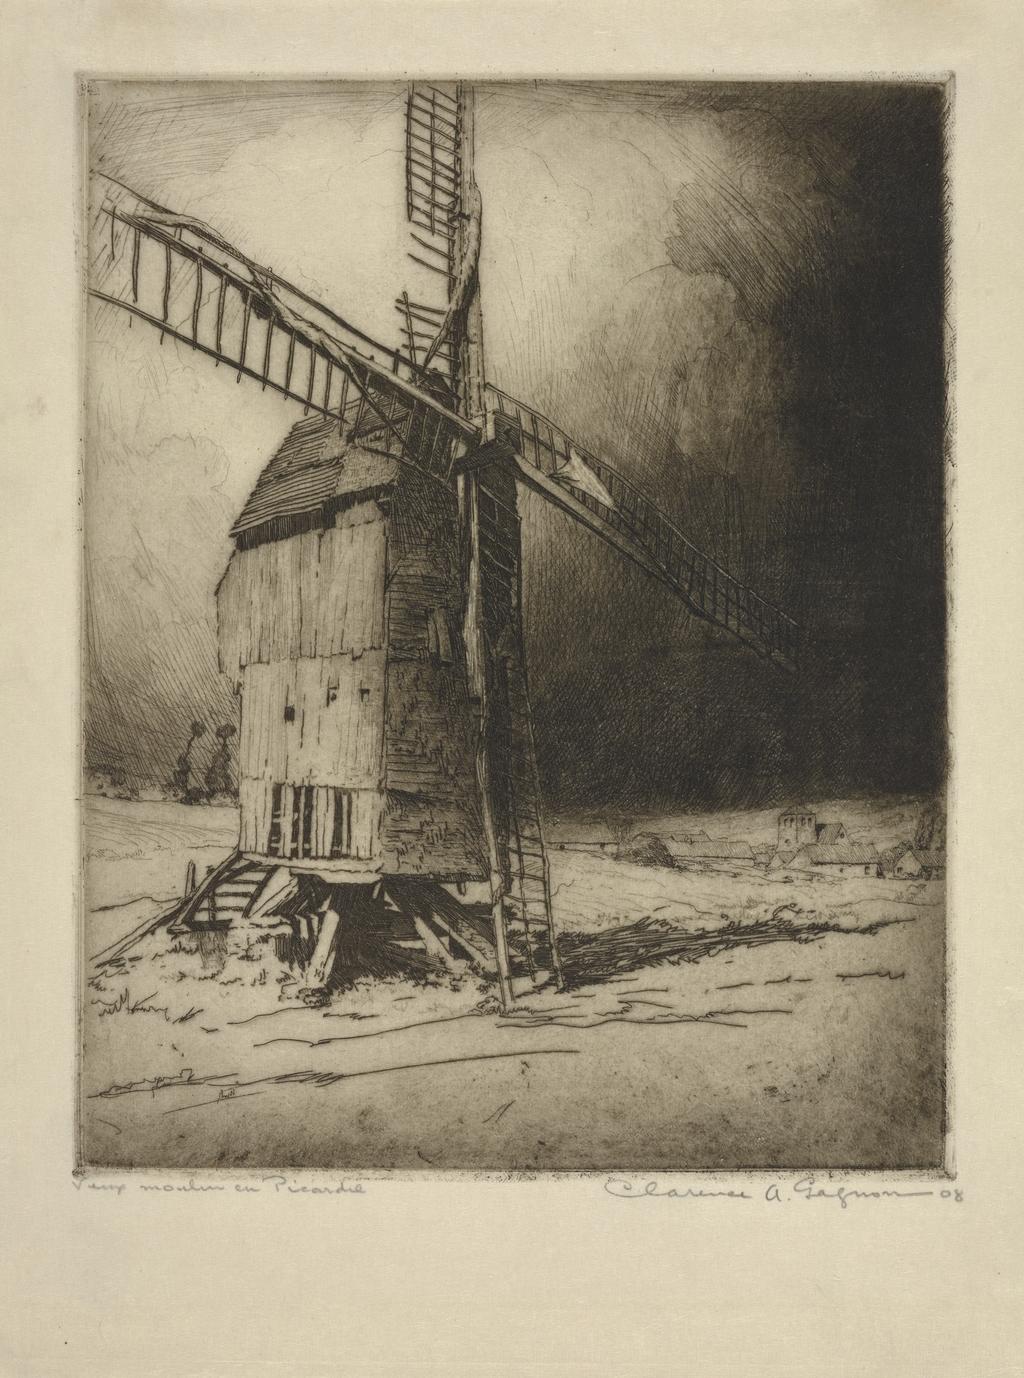 Vieux Moulin en Picardie